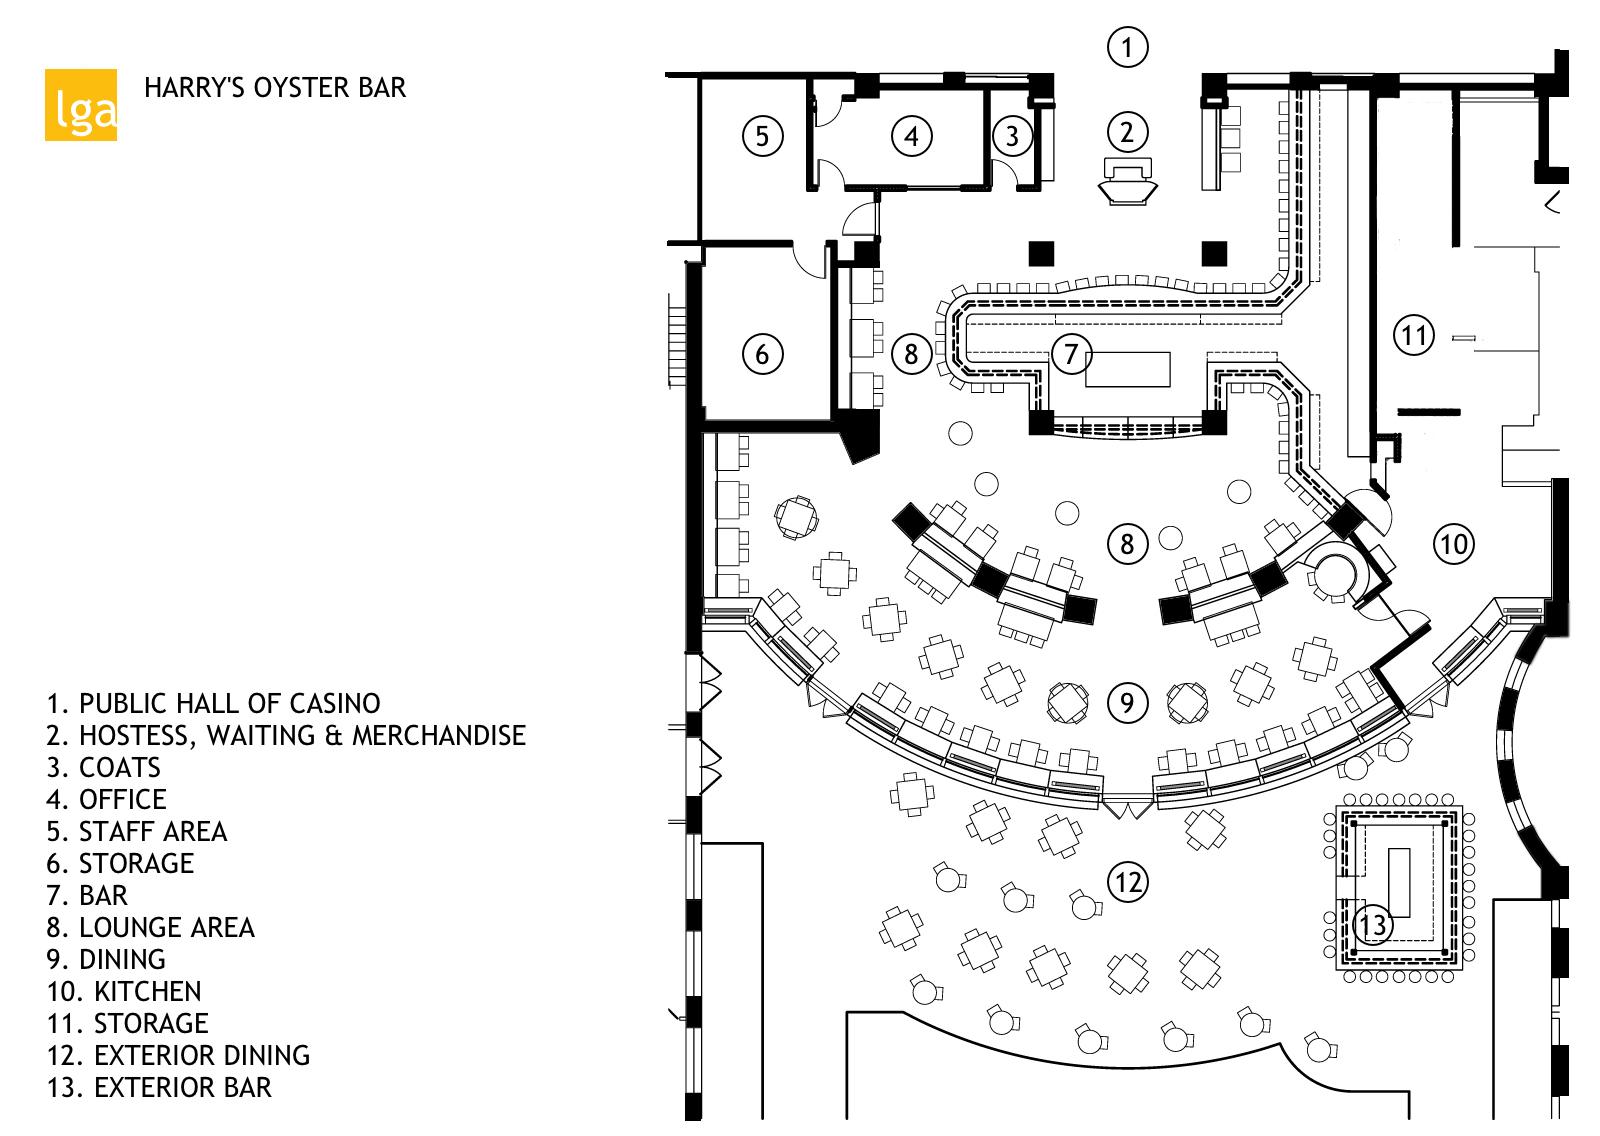 AC - 10 harrys - furniture plan